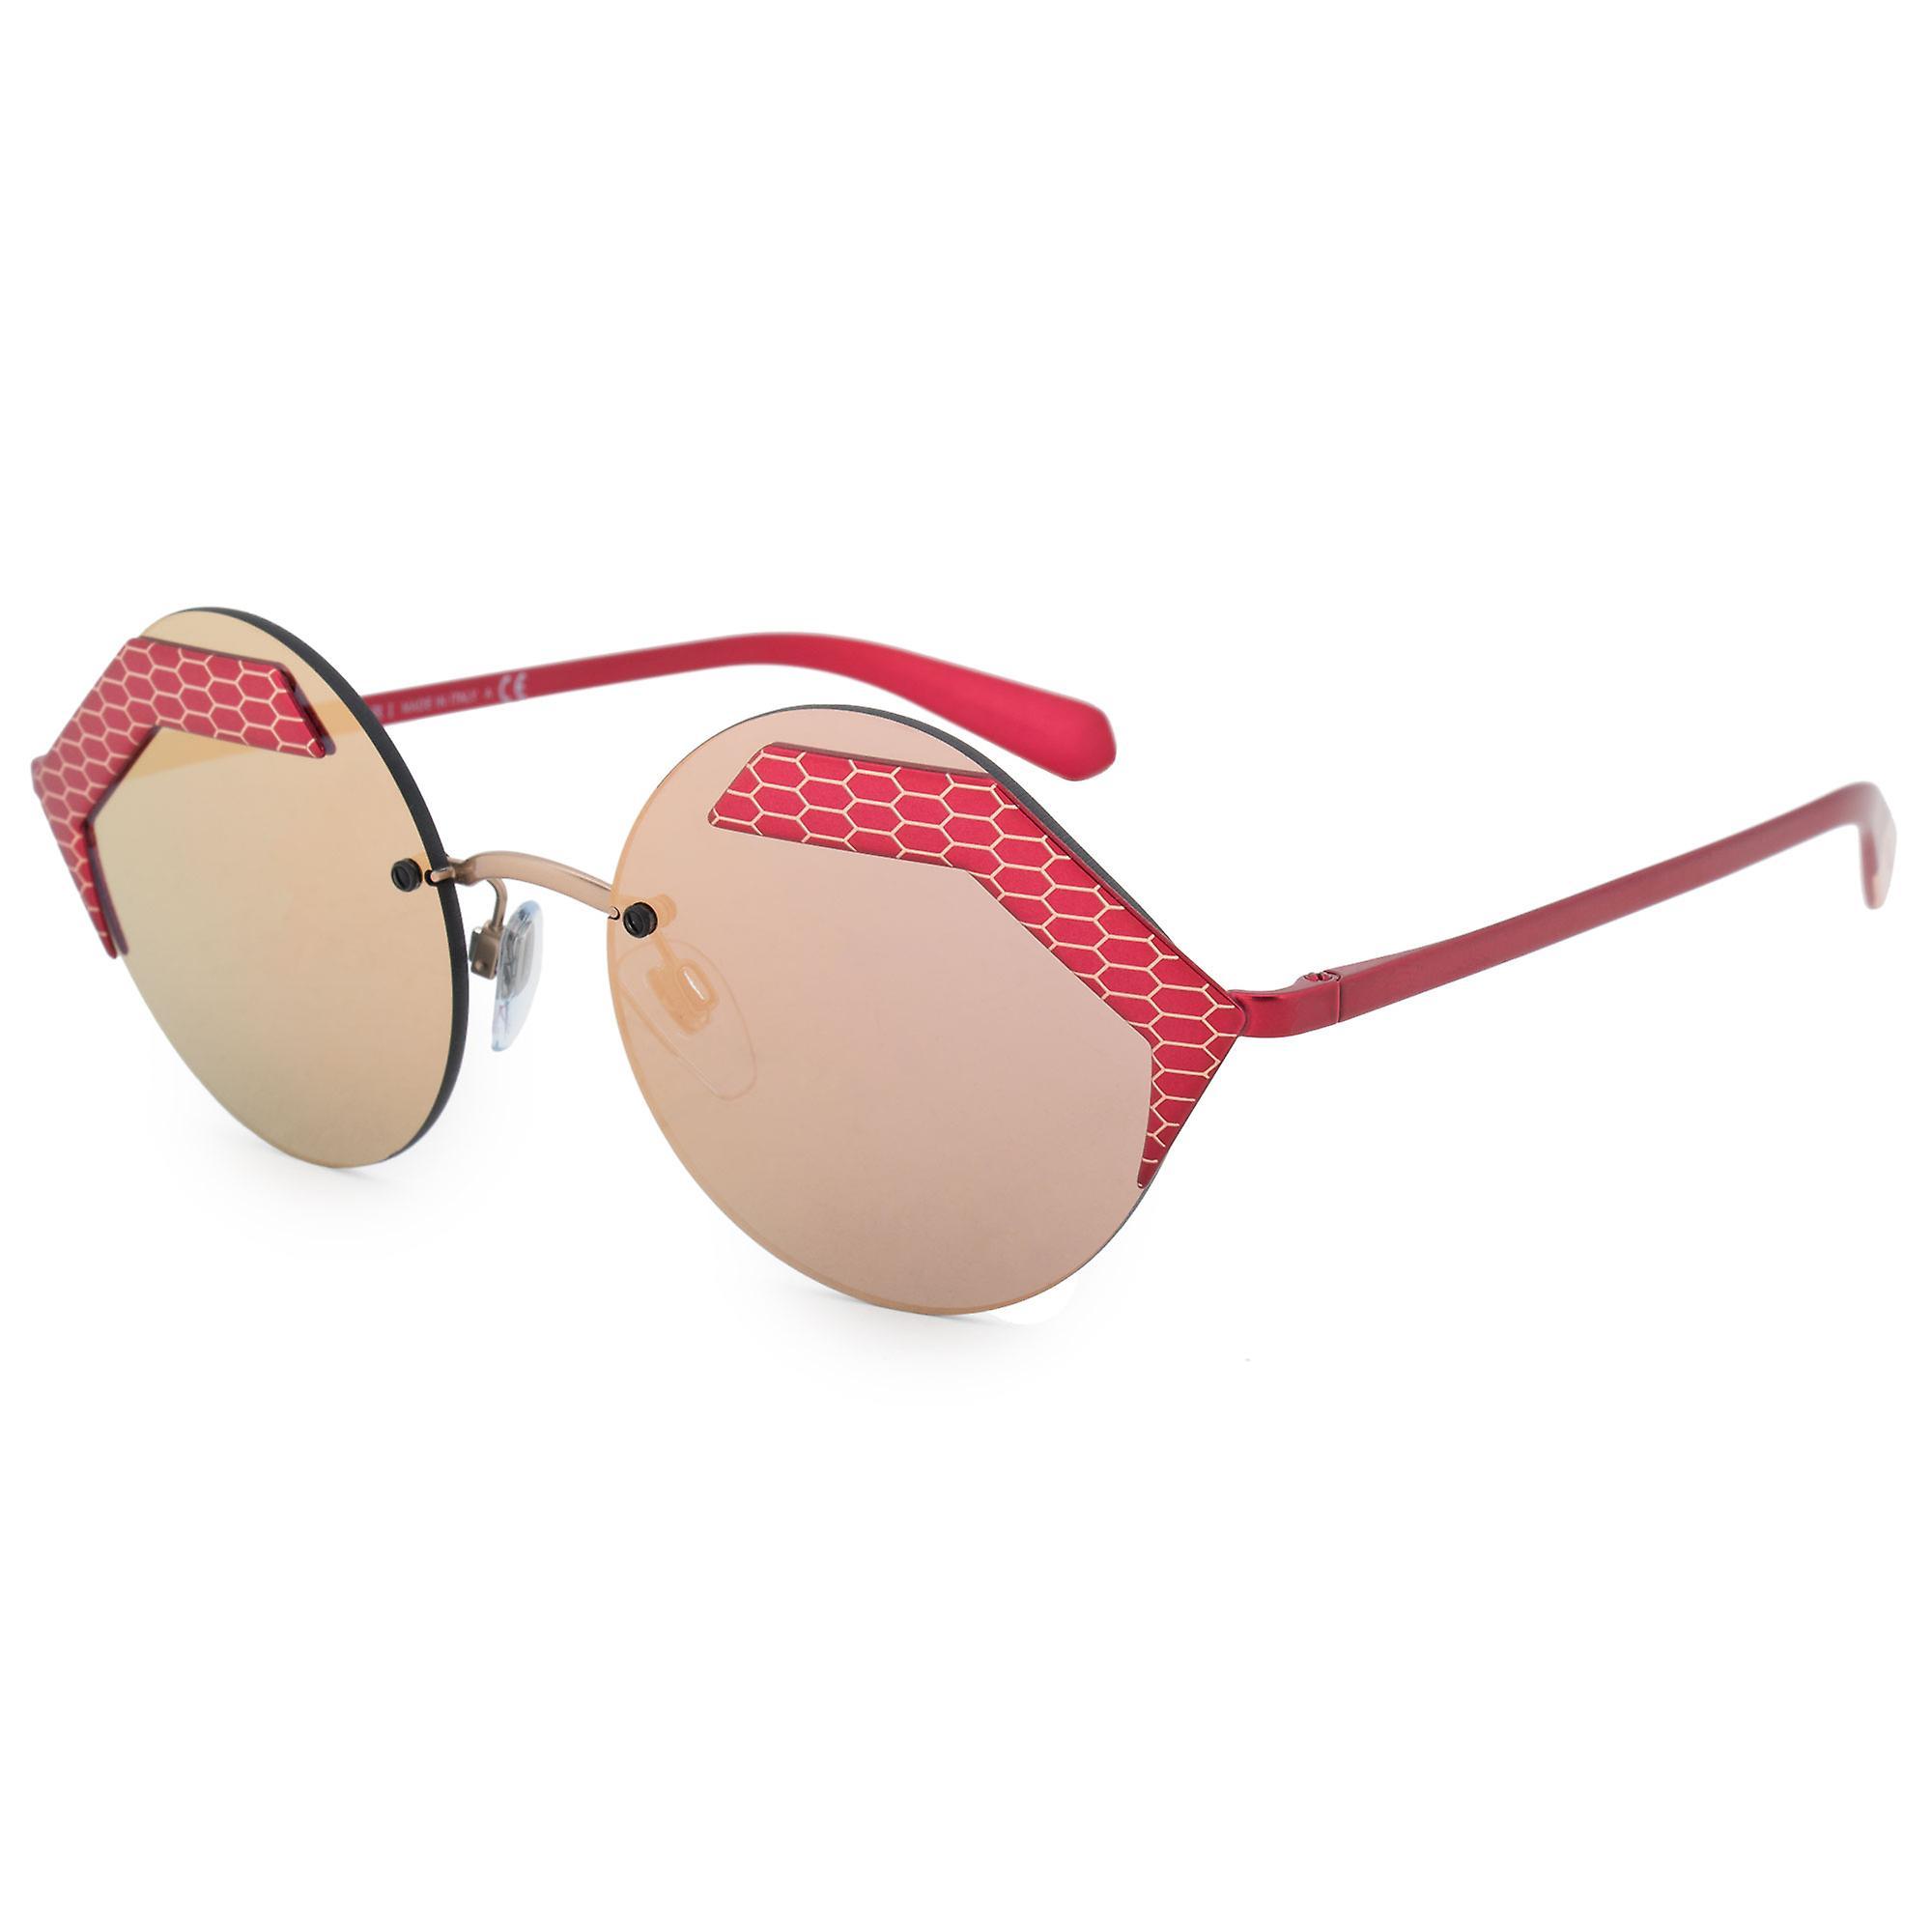 Bvlgari Round Sunglasses BV6089 20294Z 55